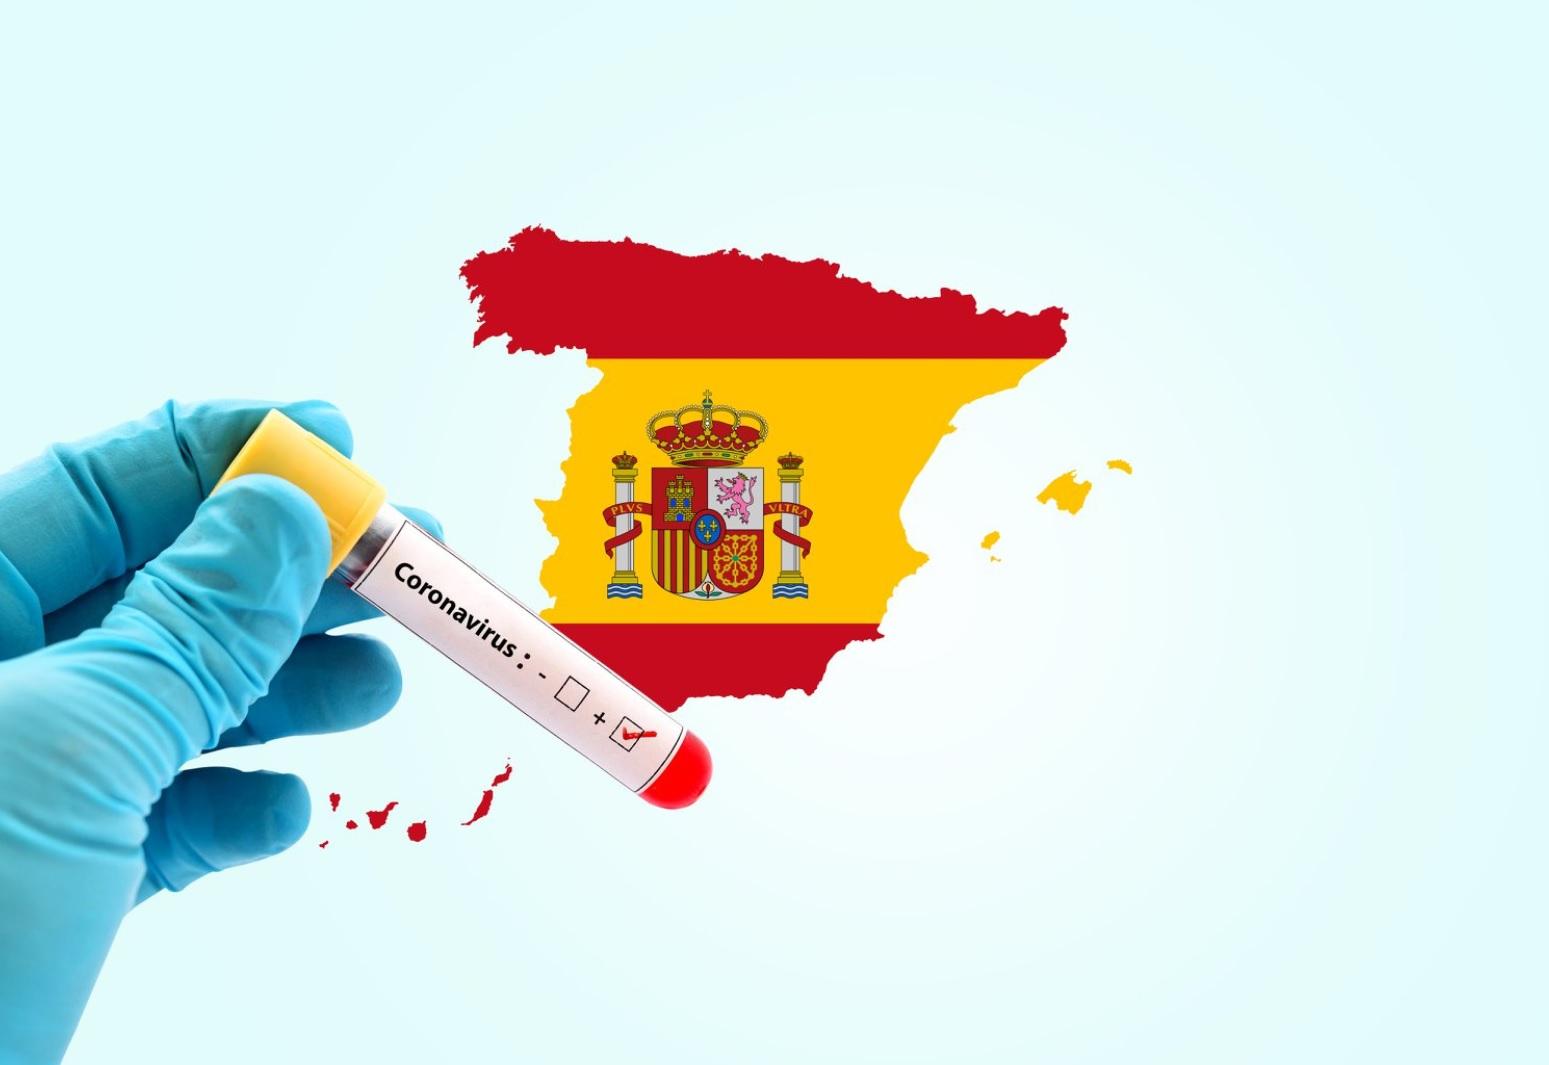 Maniere spaniole. Caracteristici ale etichetei din Spania. Etichetă de întâlnire